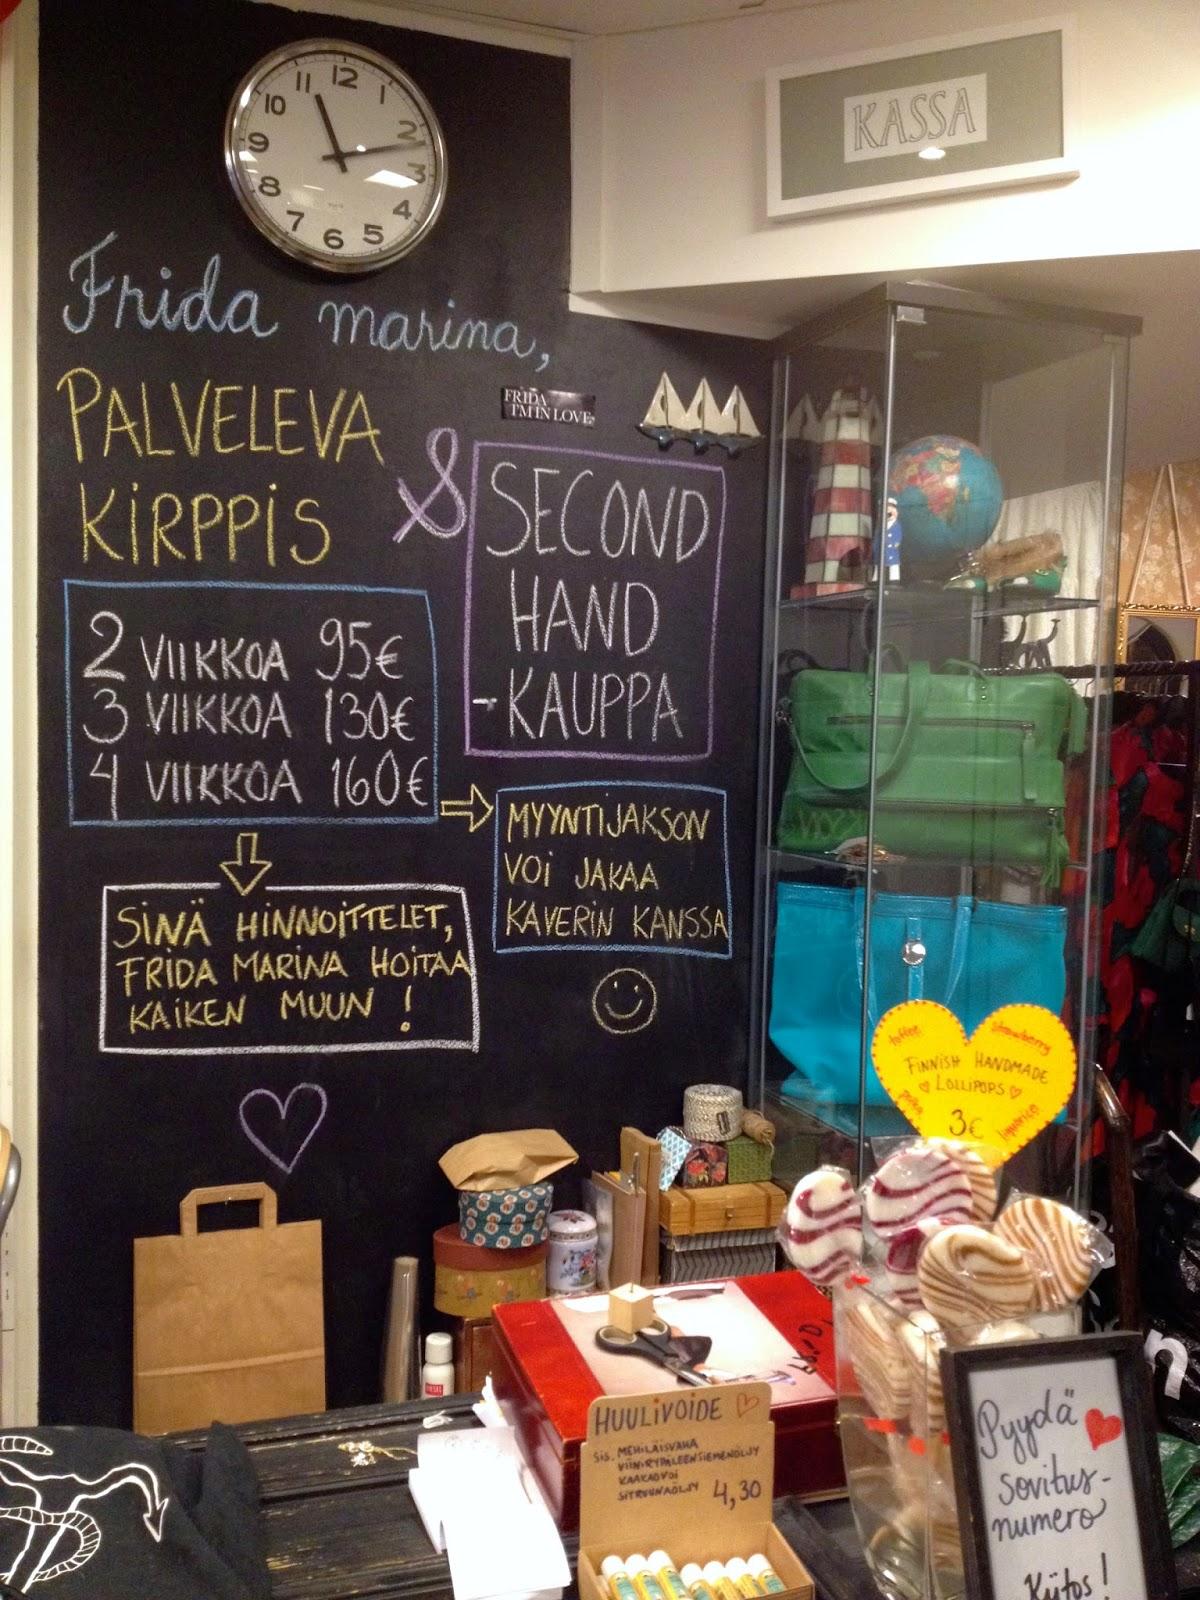 Helsinki har mange flotte retro-butikker. Frida Marina Helsinki er min favoritt.